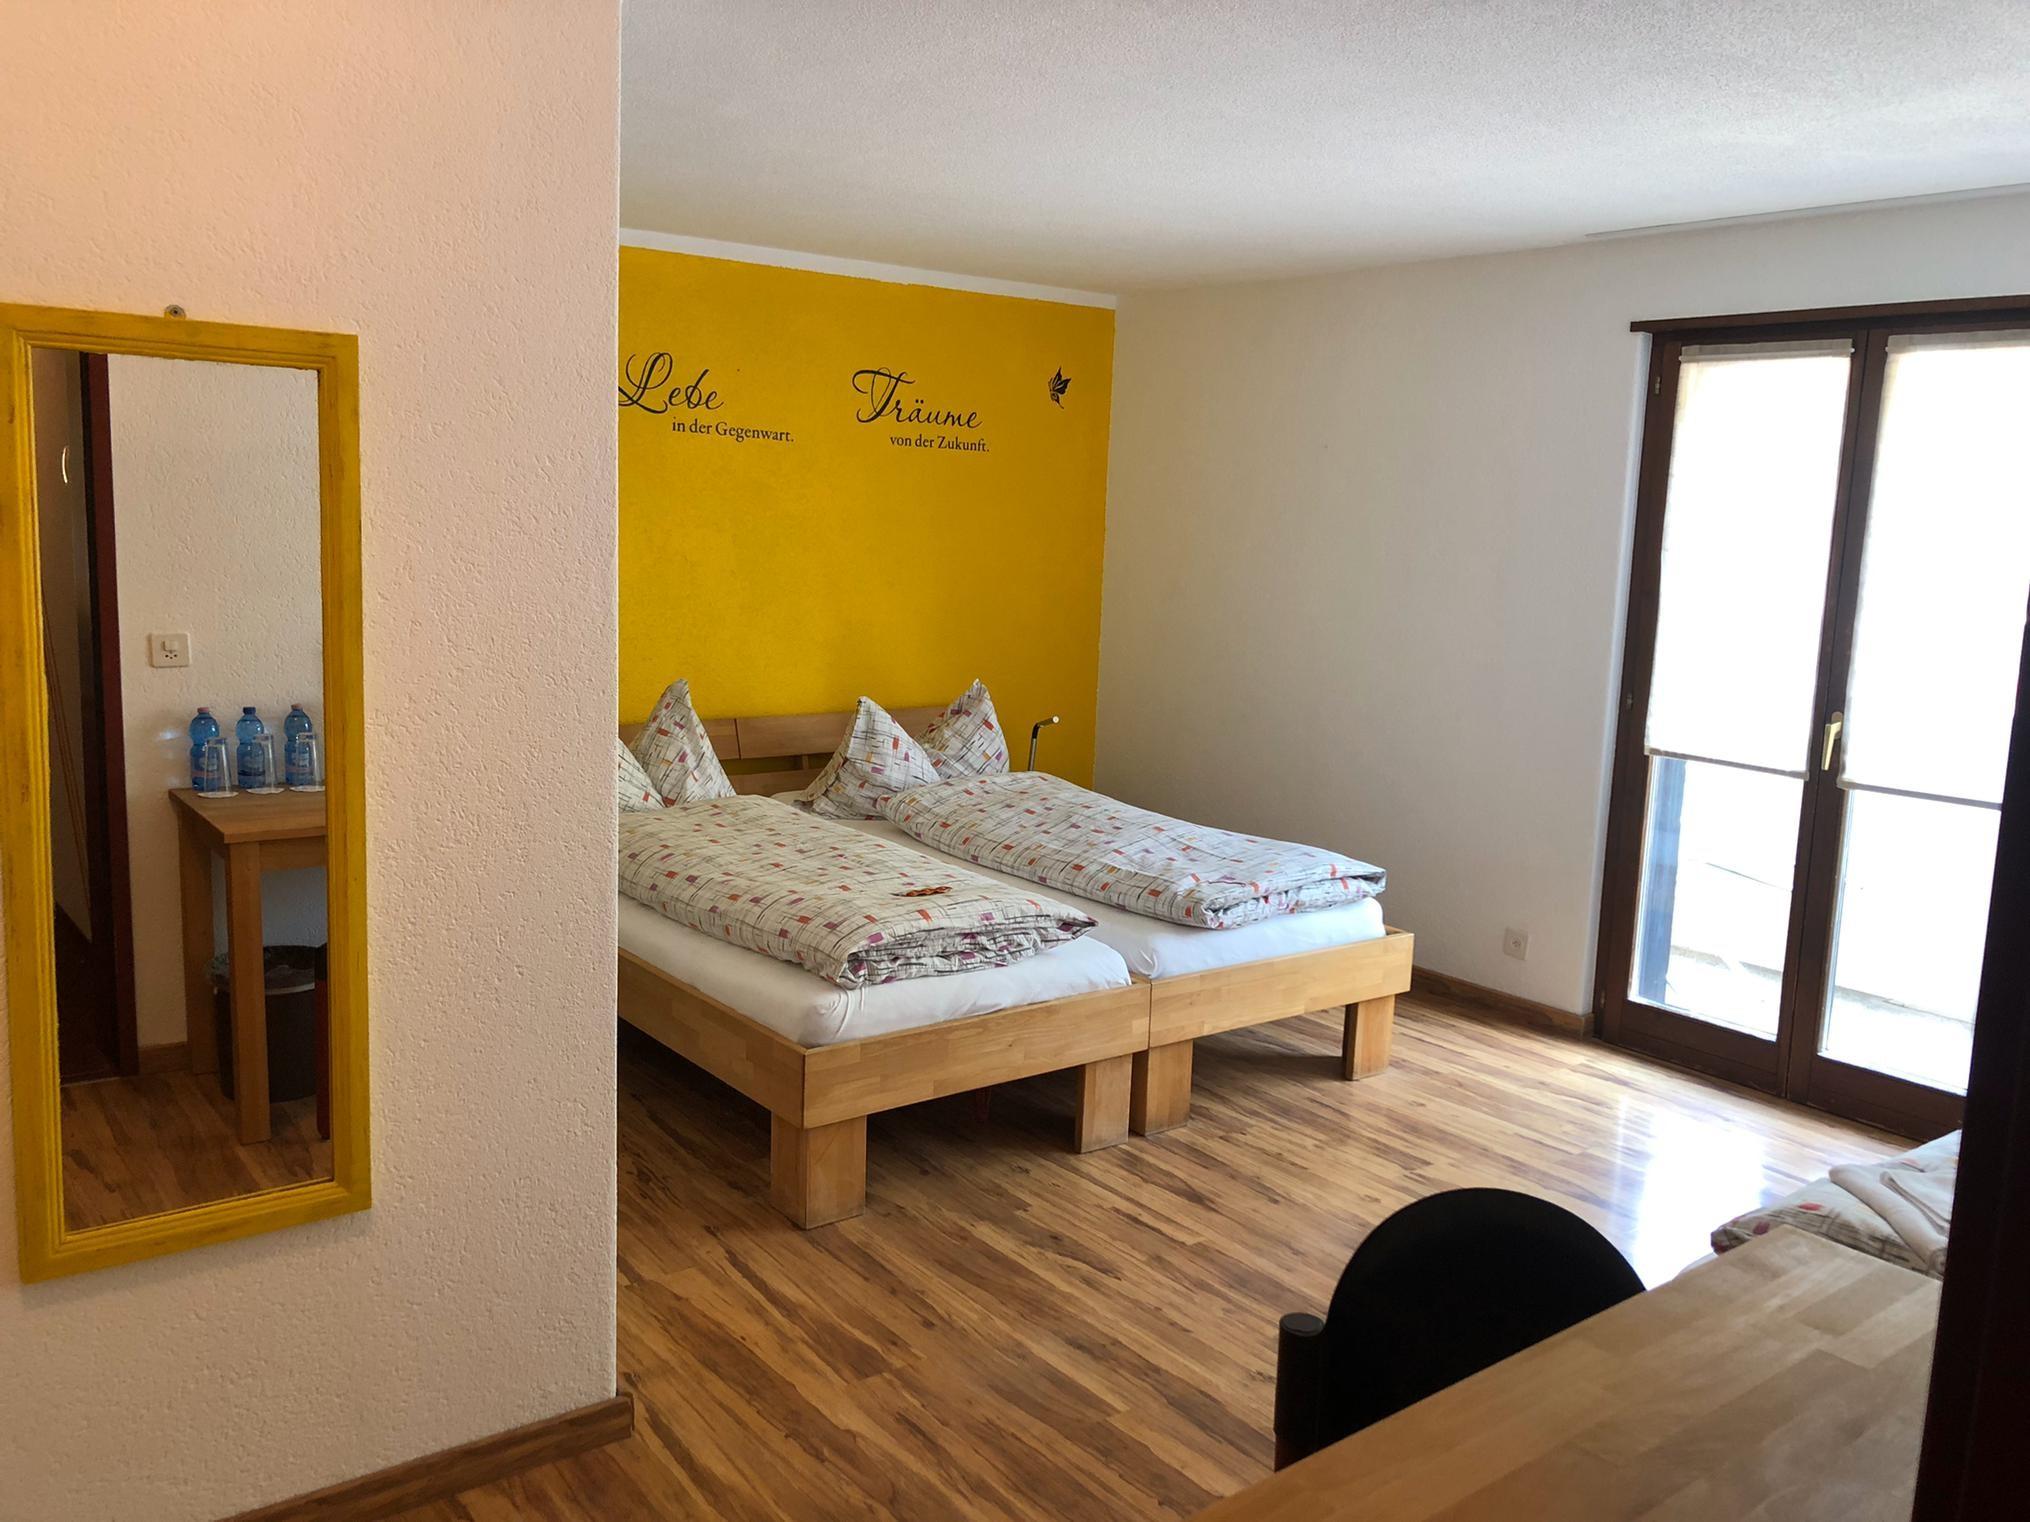 neu renoviertes dreibettzimmer